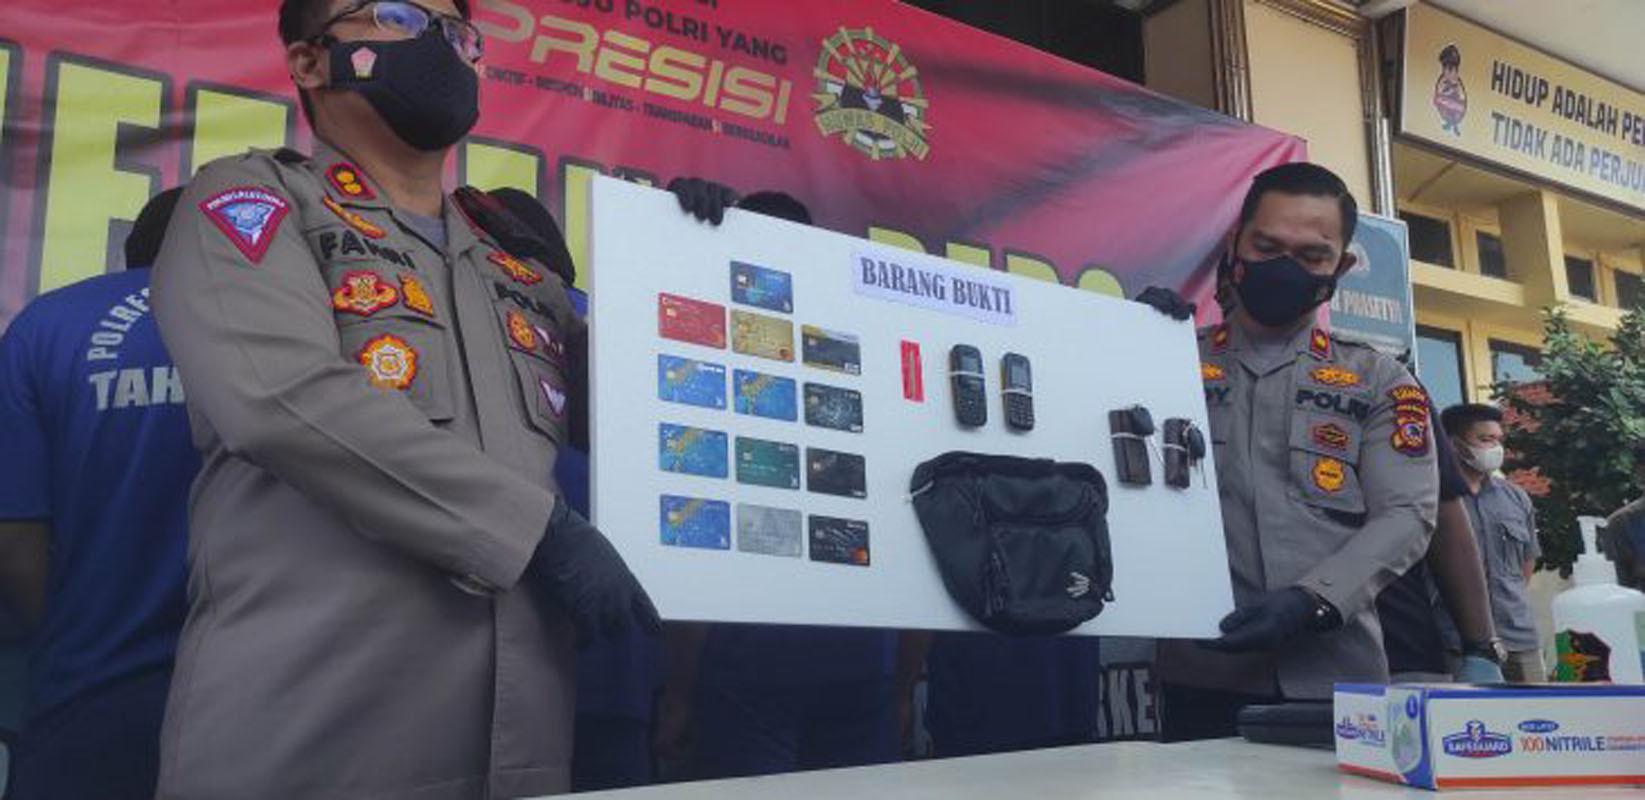 Waspadalah, Begini Cara Komplotan Pembobol ATM di Cirebon Bekerja - JPNN.com